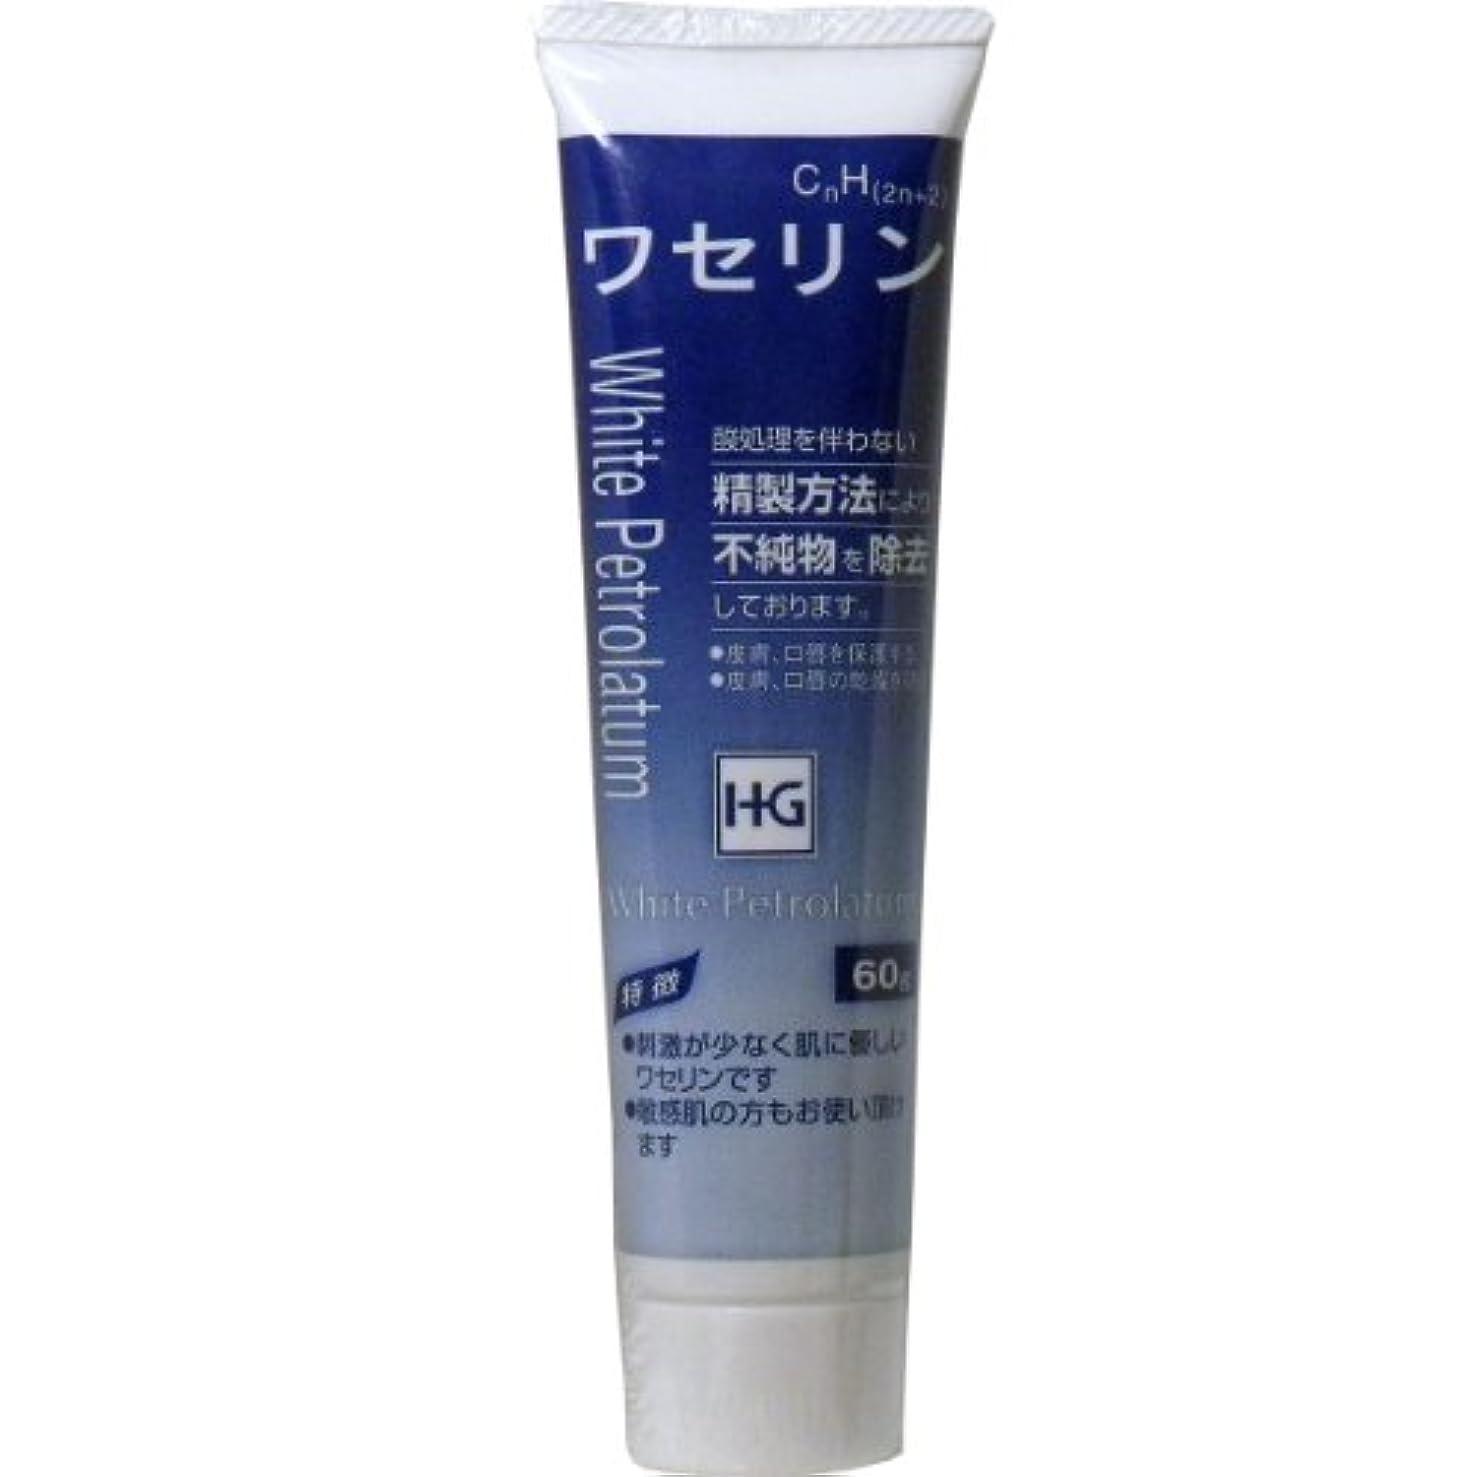 メッシュ便利正当化する皮膚保護 ワセリンHG チューブ 60g入 ×3個セット